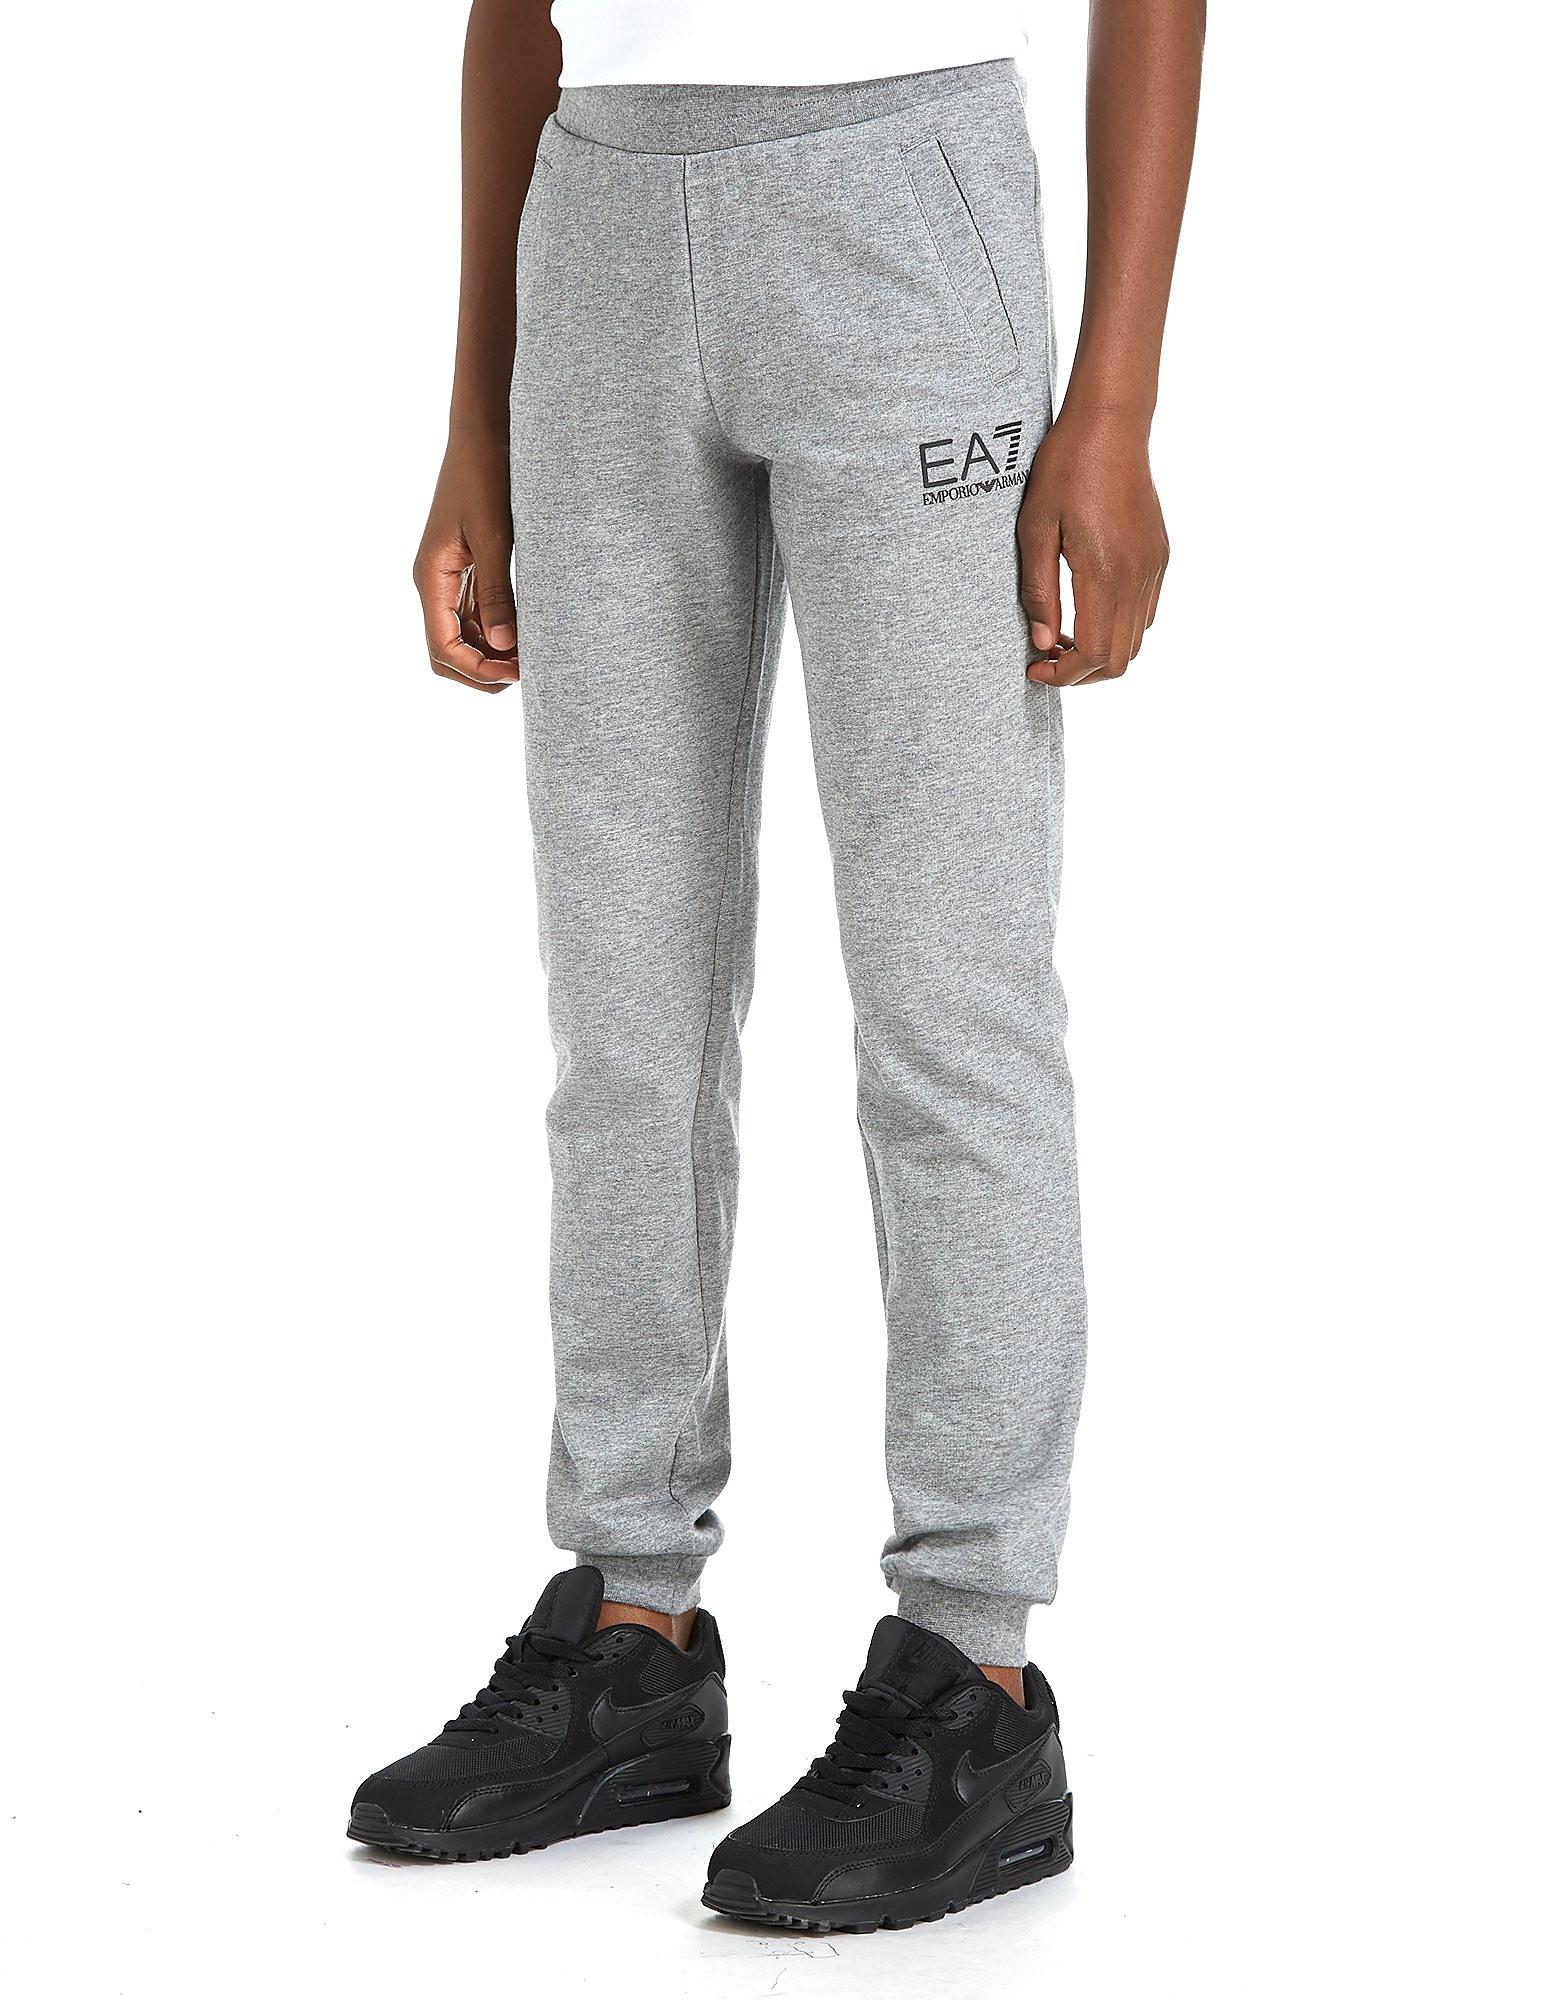 EA7 Core Fleece Pant Junior